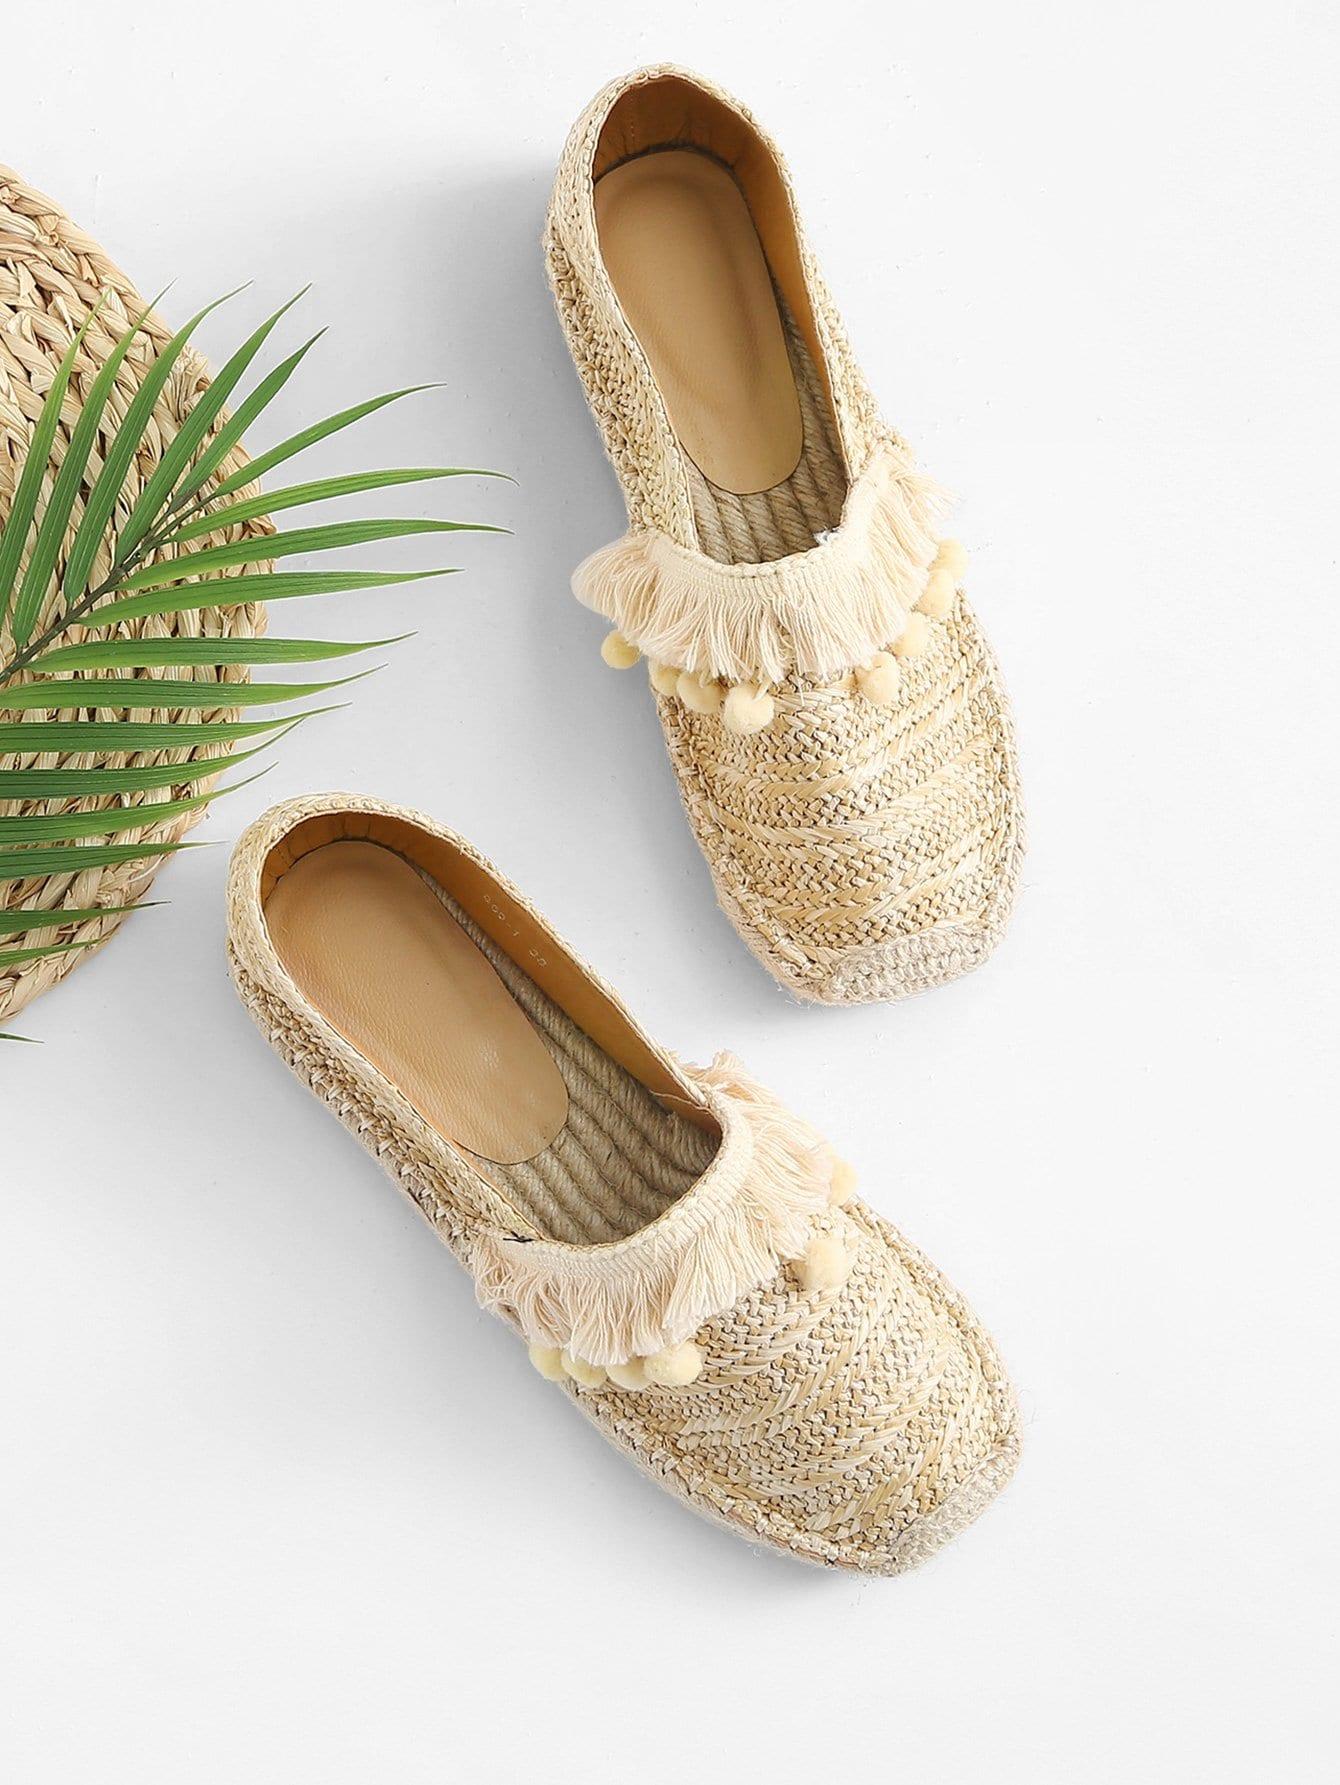 Оплетённые туфли на плоской подошве с украшением бахромы и помпона, null, SheIn  - купить со скидкой